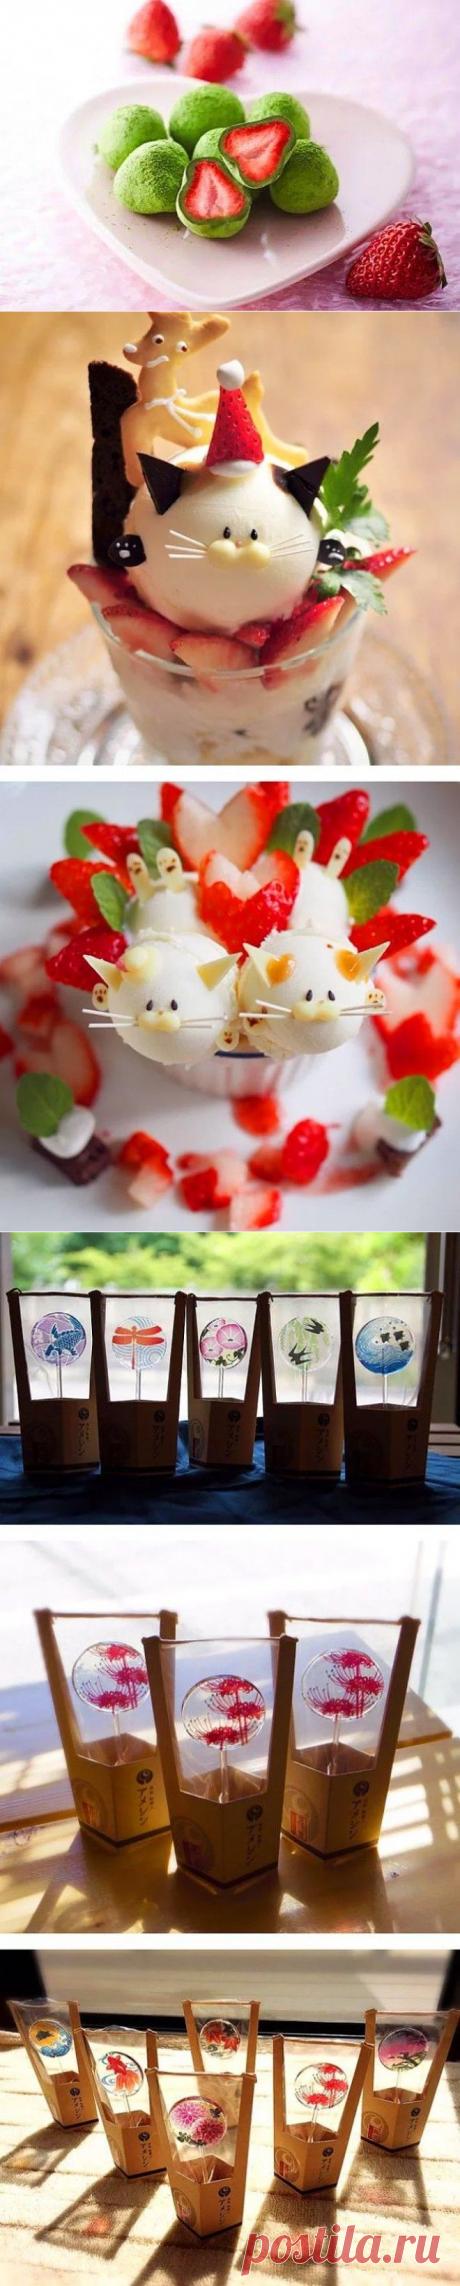 30 странных и удивительных японских сладостей!